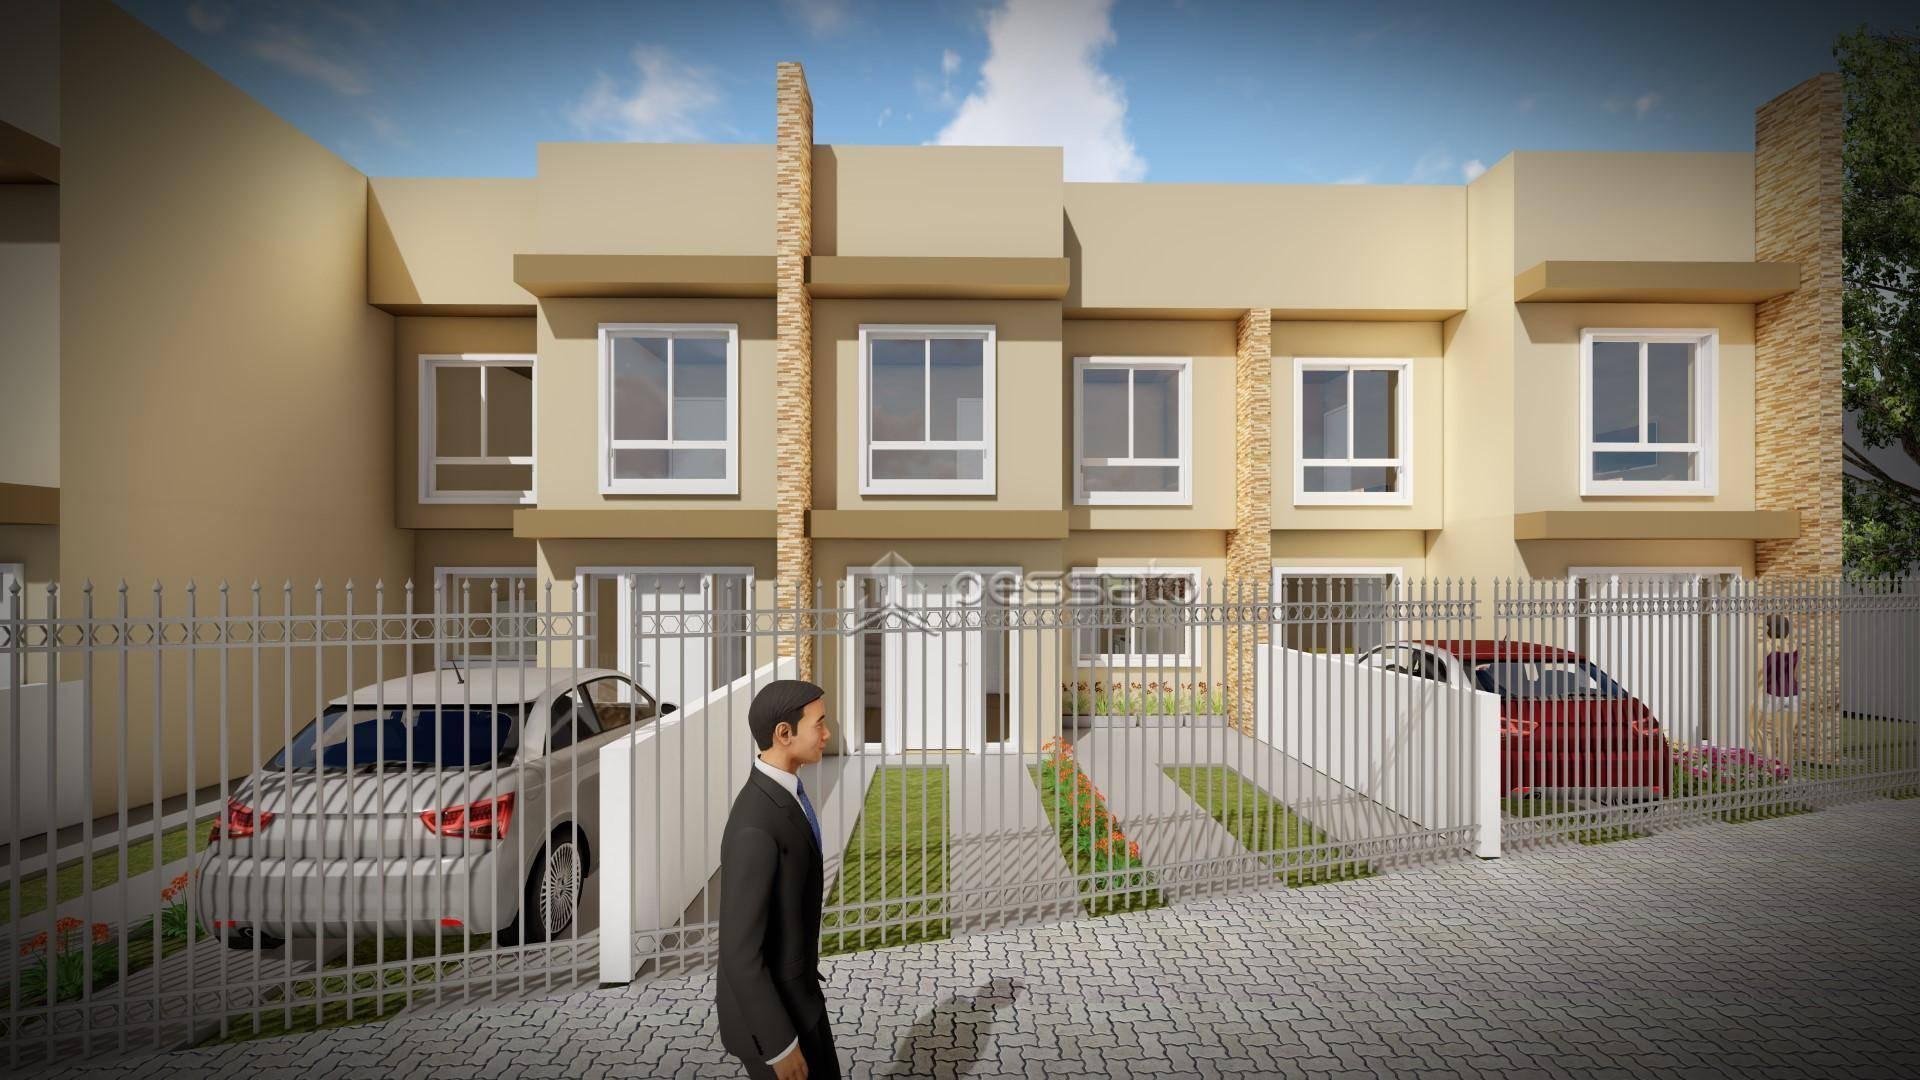 sobrado 2 dormitórios em Cachoeirinha, no bairro Vila Vista Alegre